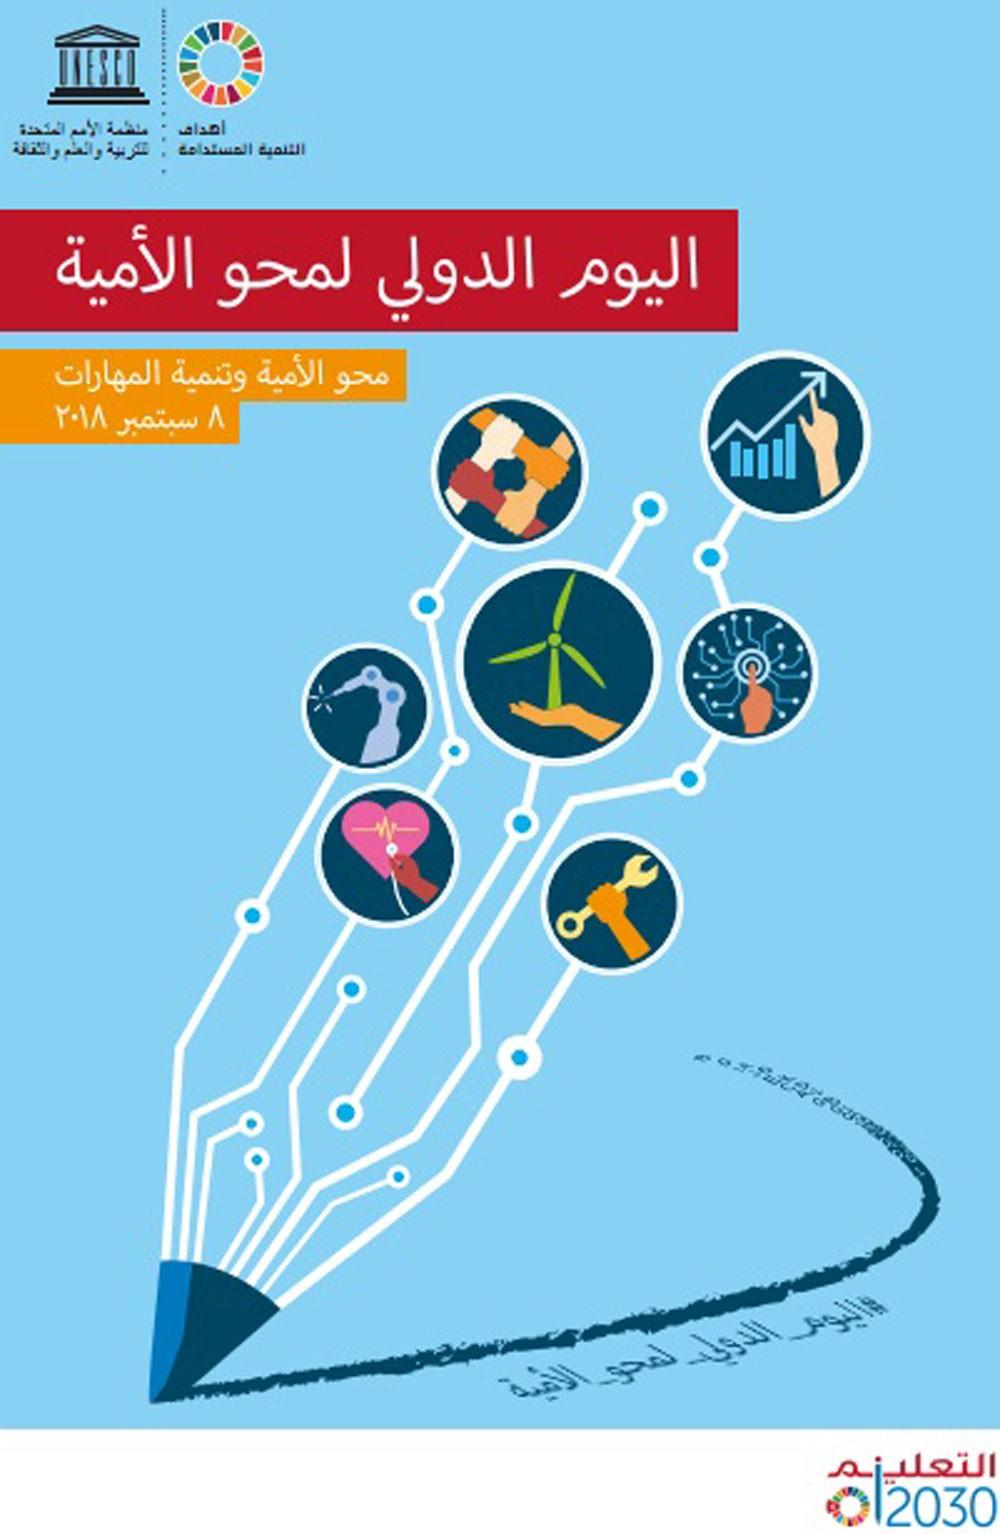 دول العالم تحتفل باليوم الدولي لمحو الأمية تحت شعار (محو الأمية وتنمية المهارات)